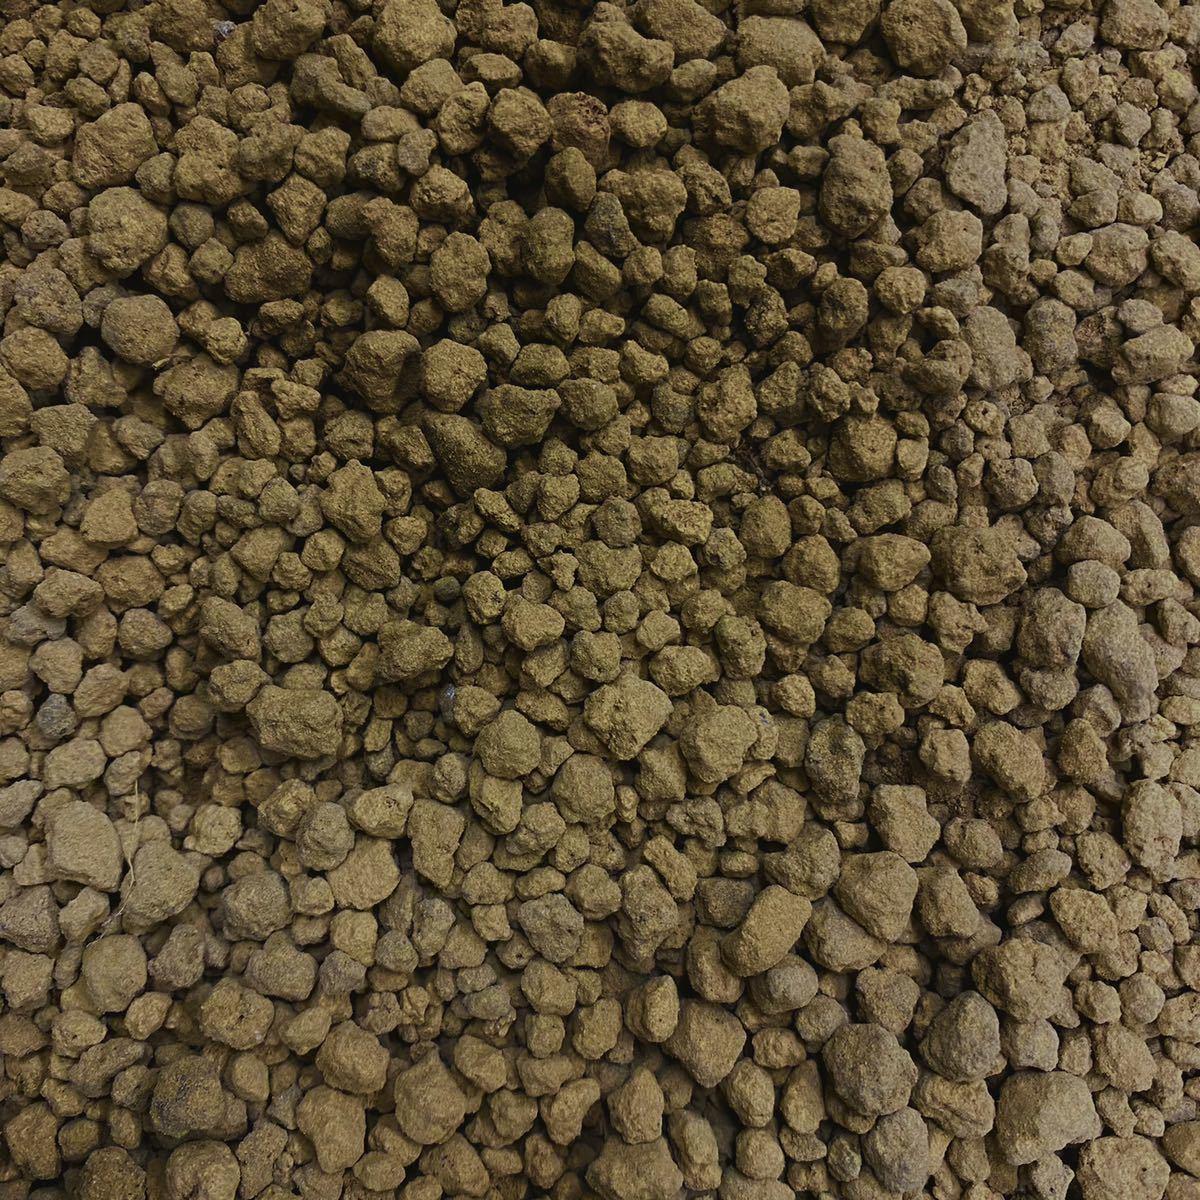 庭屋が薦める赤玉土 1リットル 小粒 多肉植物 サボテン 観葉植物 土